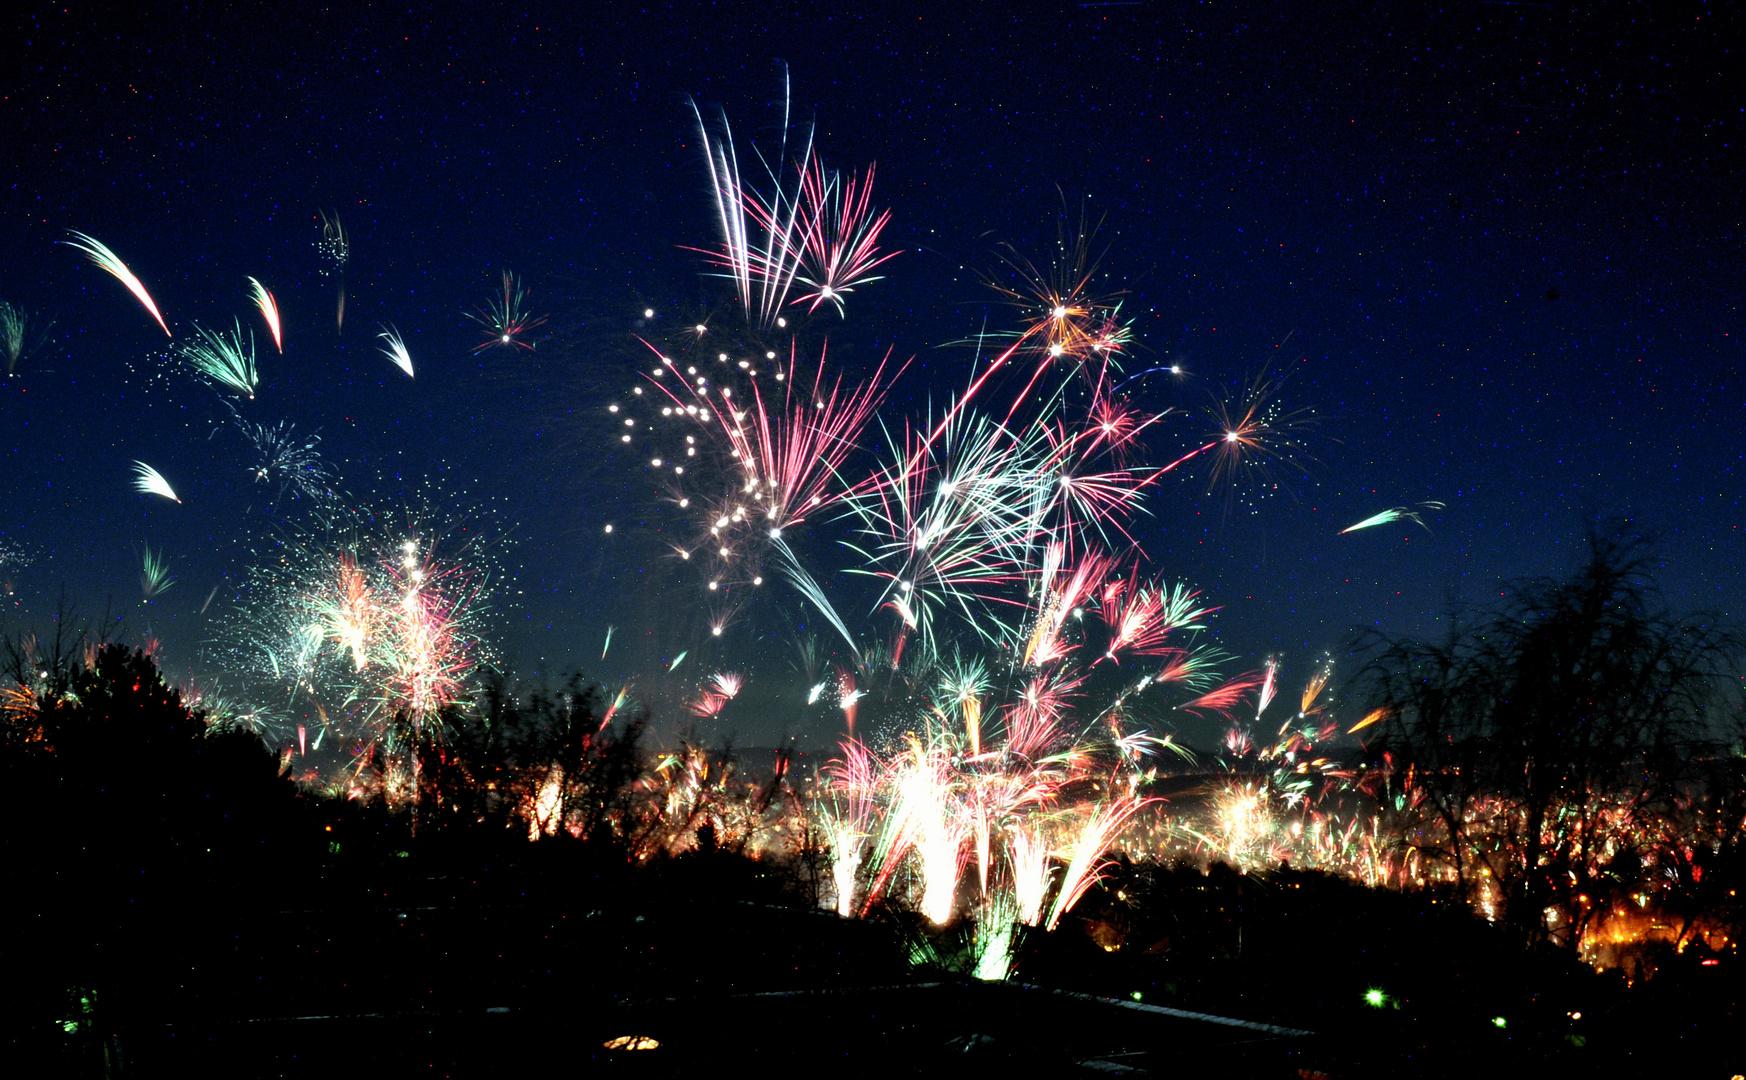 Neujahrsfeuerwerk bei sternklarem Himmel